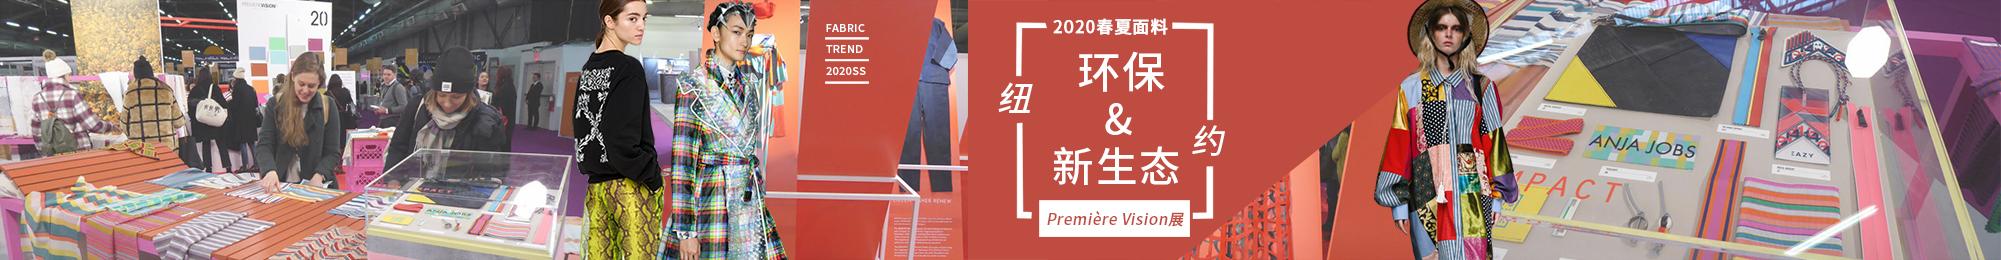 环保新生态 -- 2020春夏纽约Première Vision展女装面料分析